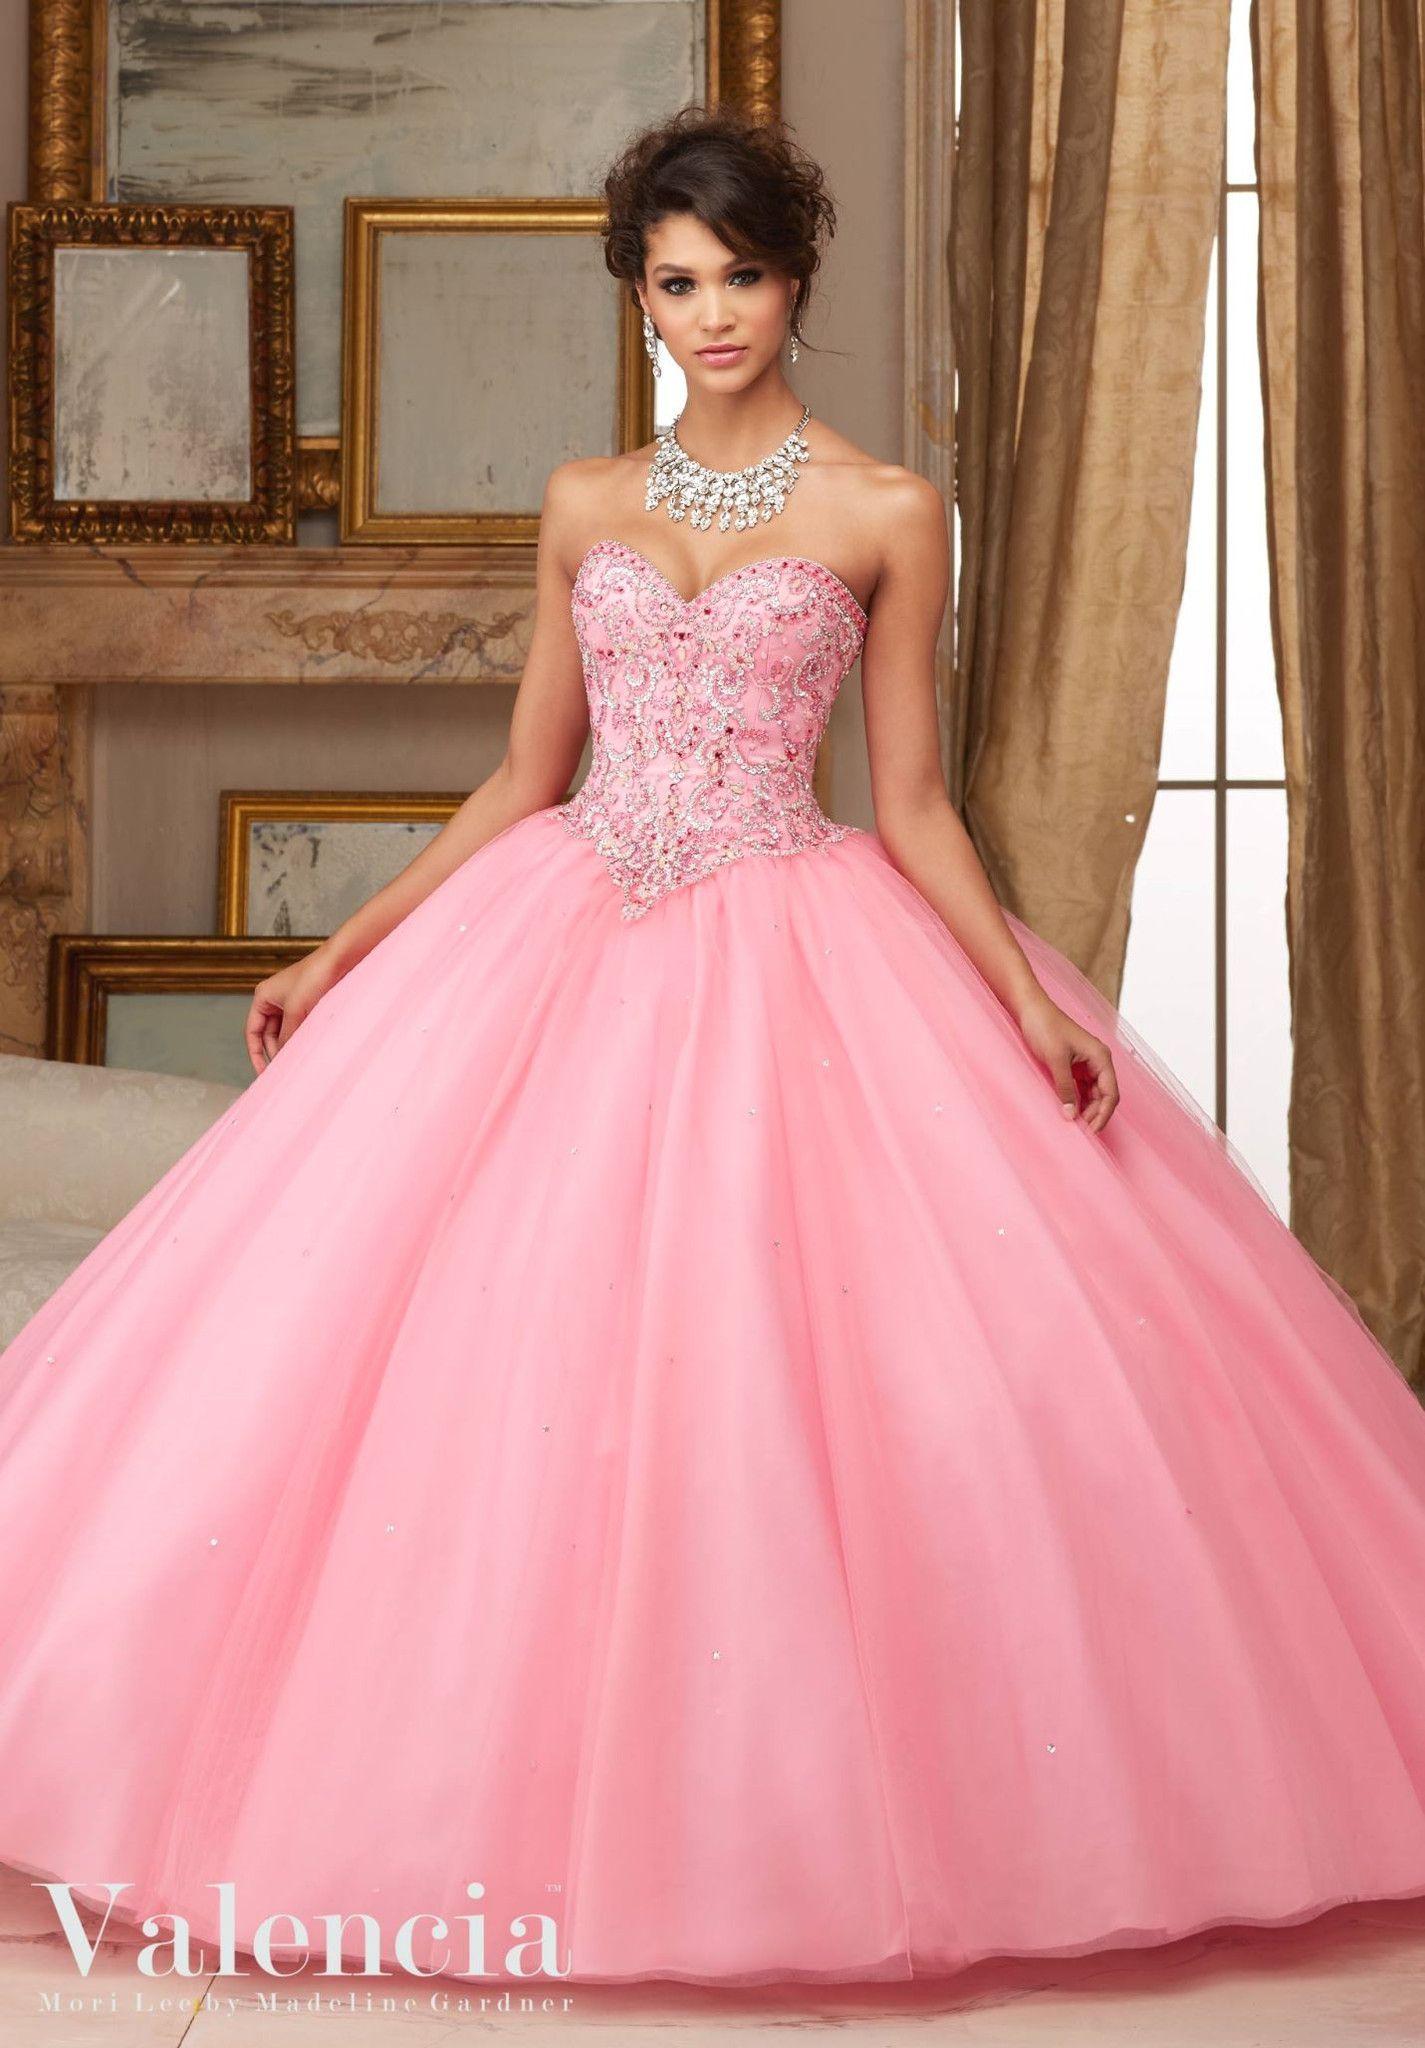 Mori Lee Valencia Quinceanera Dress 60007 | Quinceañera, Vestiditos ...